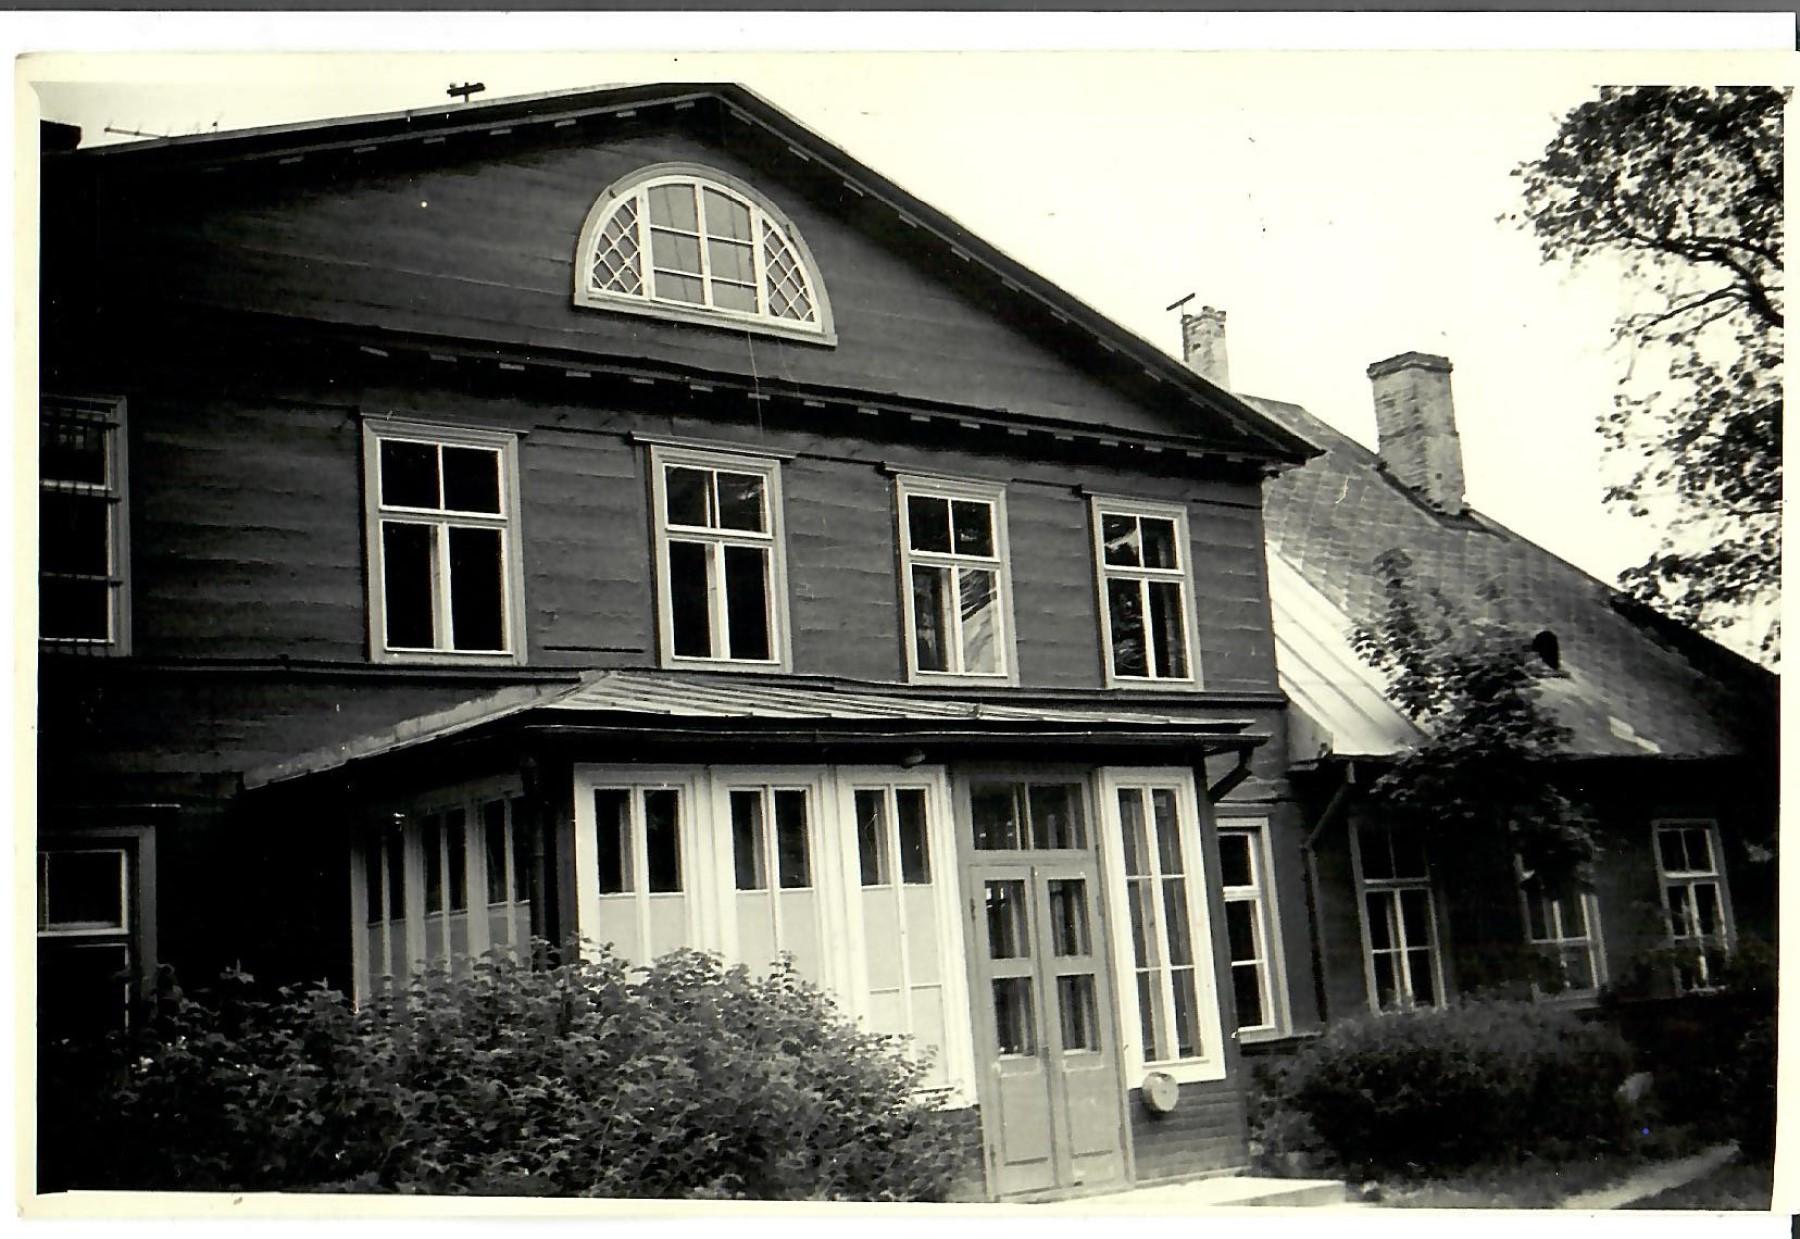 MRU ēdnīca 1972.gads. Tagad Dienas centra nams. (Foto no V.Kārkliņa arhīva)